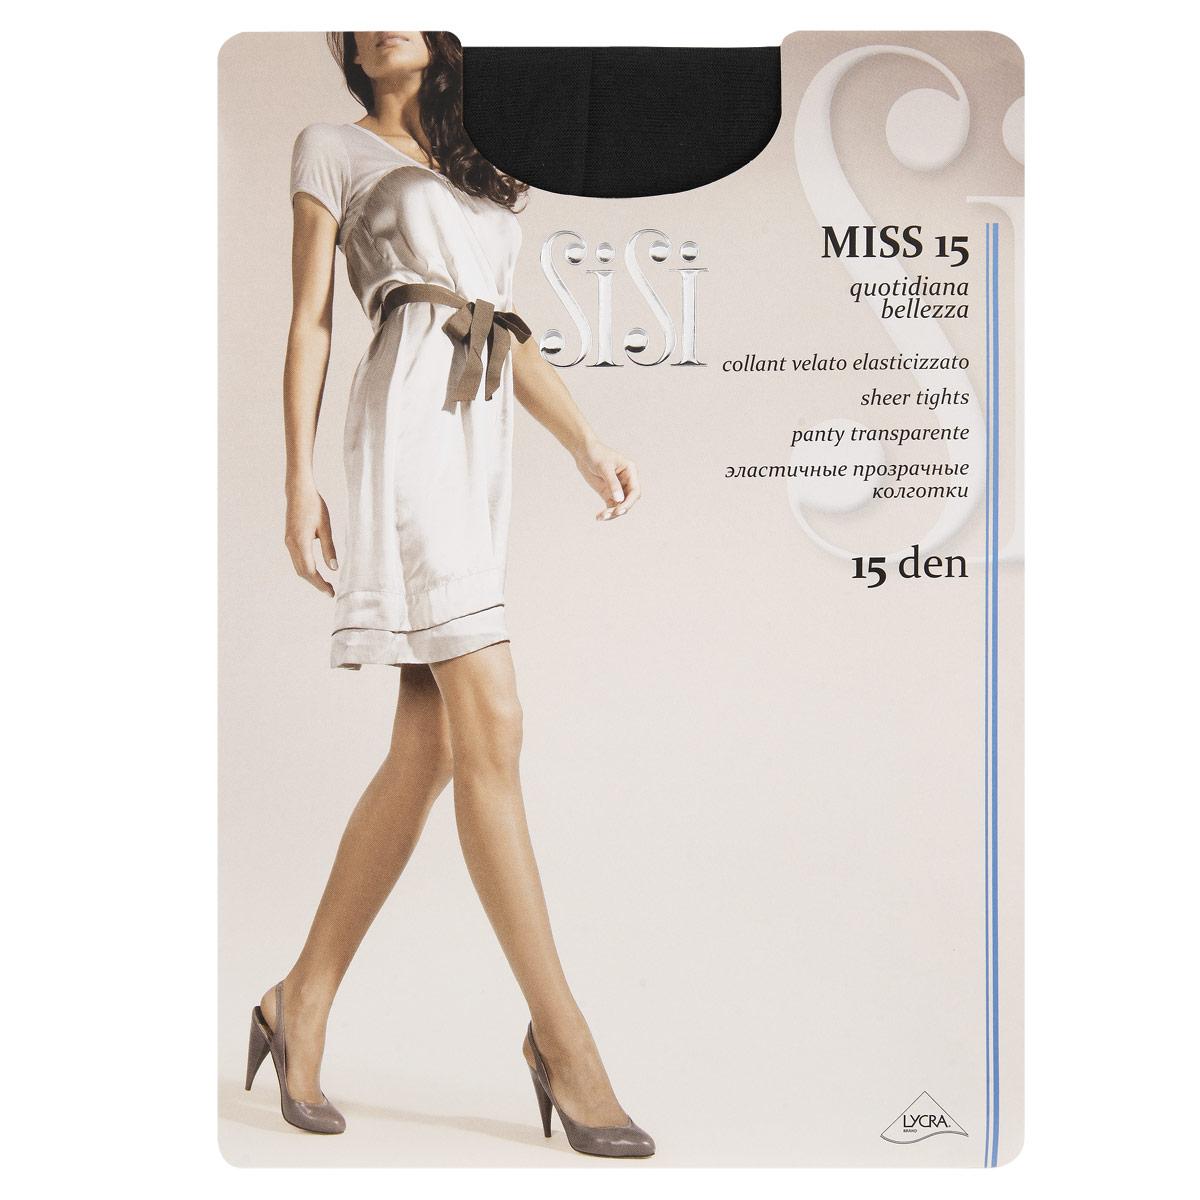 Колготки Sisi Miss 15. Nero (черный). Размер -XL